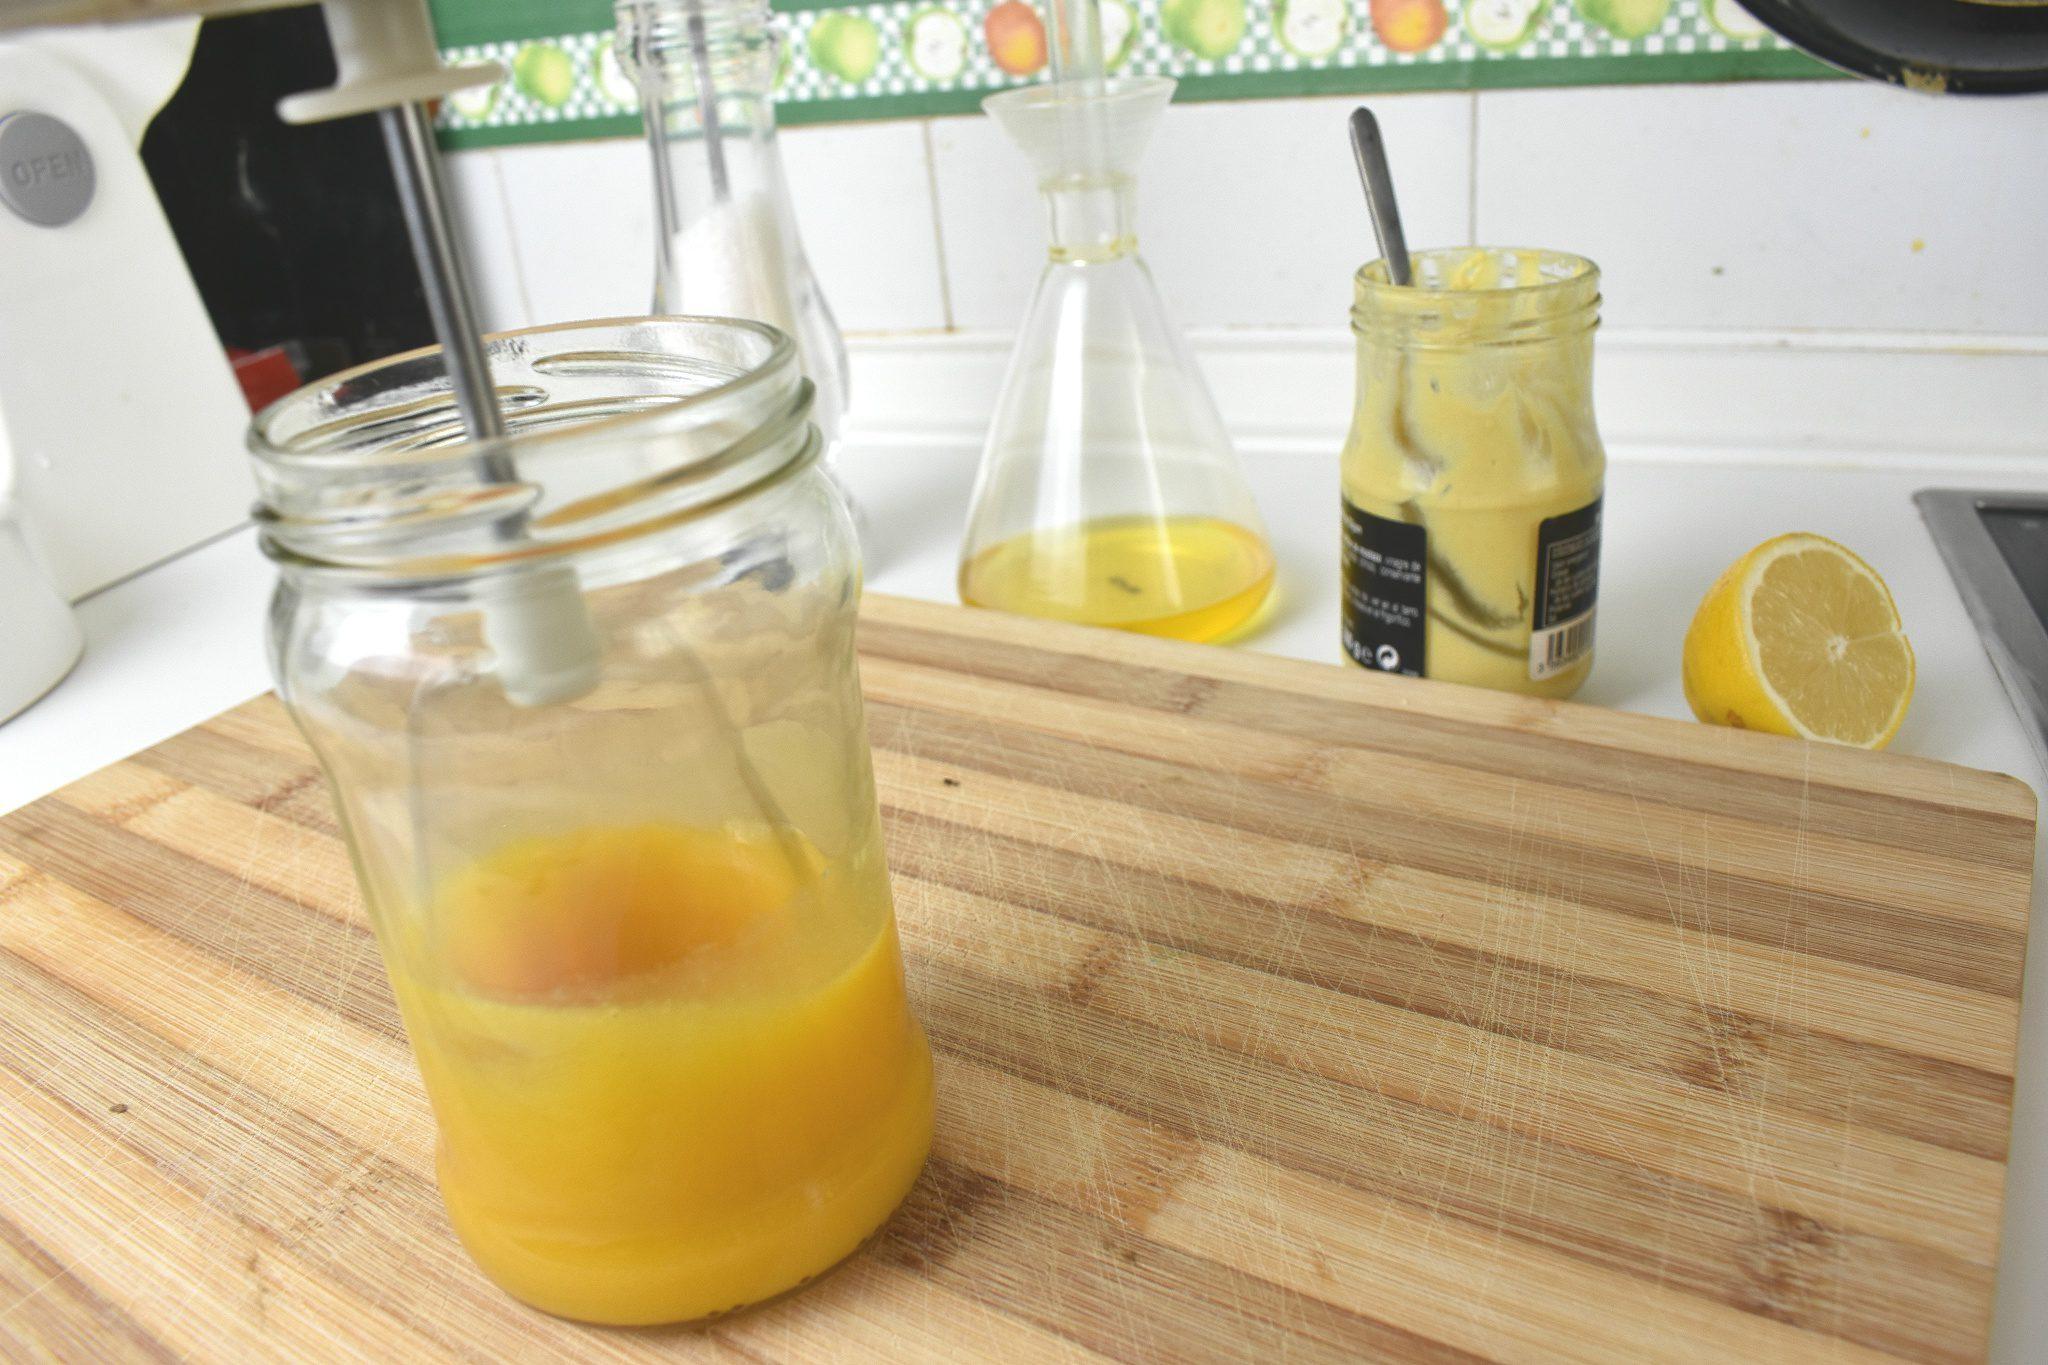 Healthy-homemade-mayonnaise-recipe-process-2-SunCakeMom